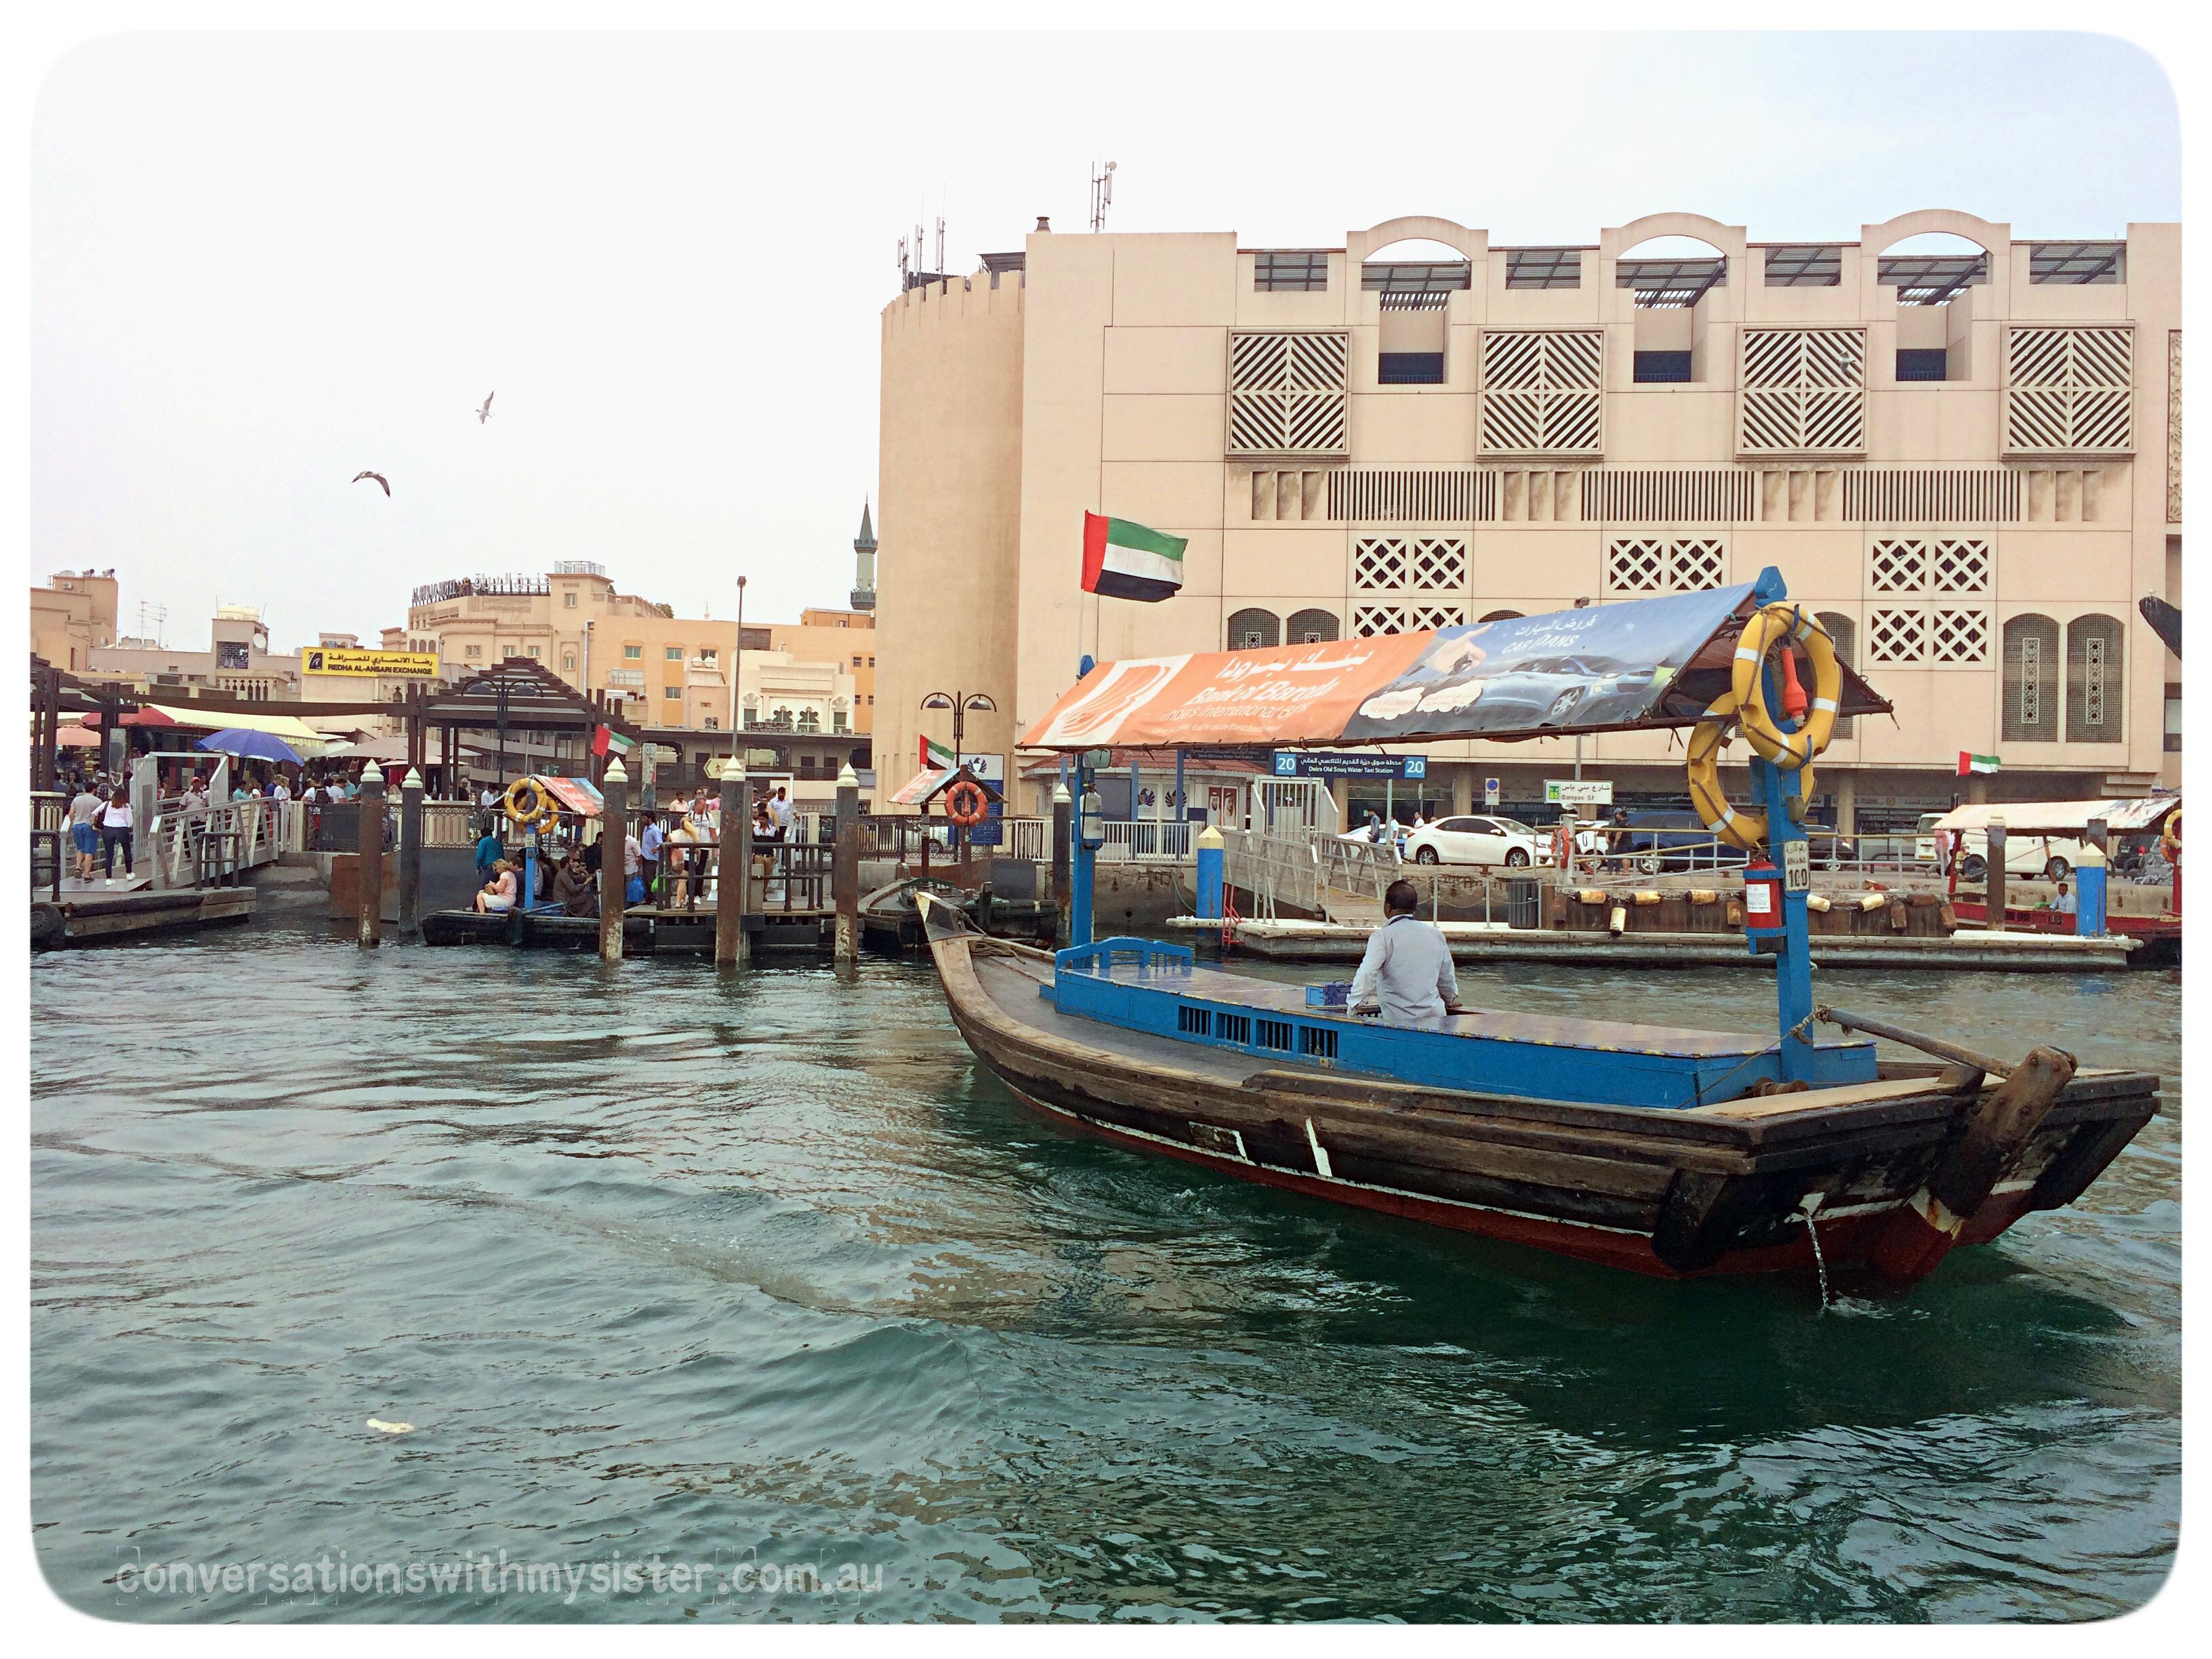 conversationswithmysister.com.au_Dubai Creek_Deira